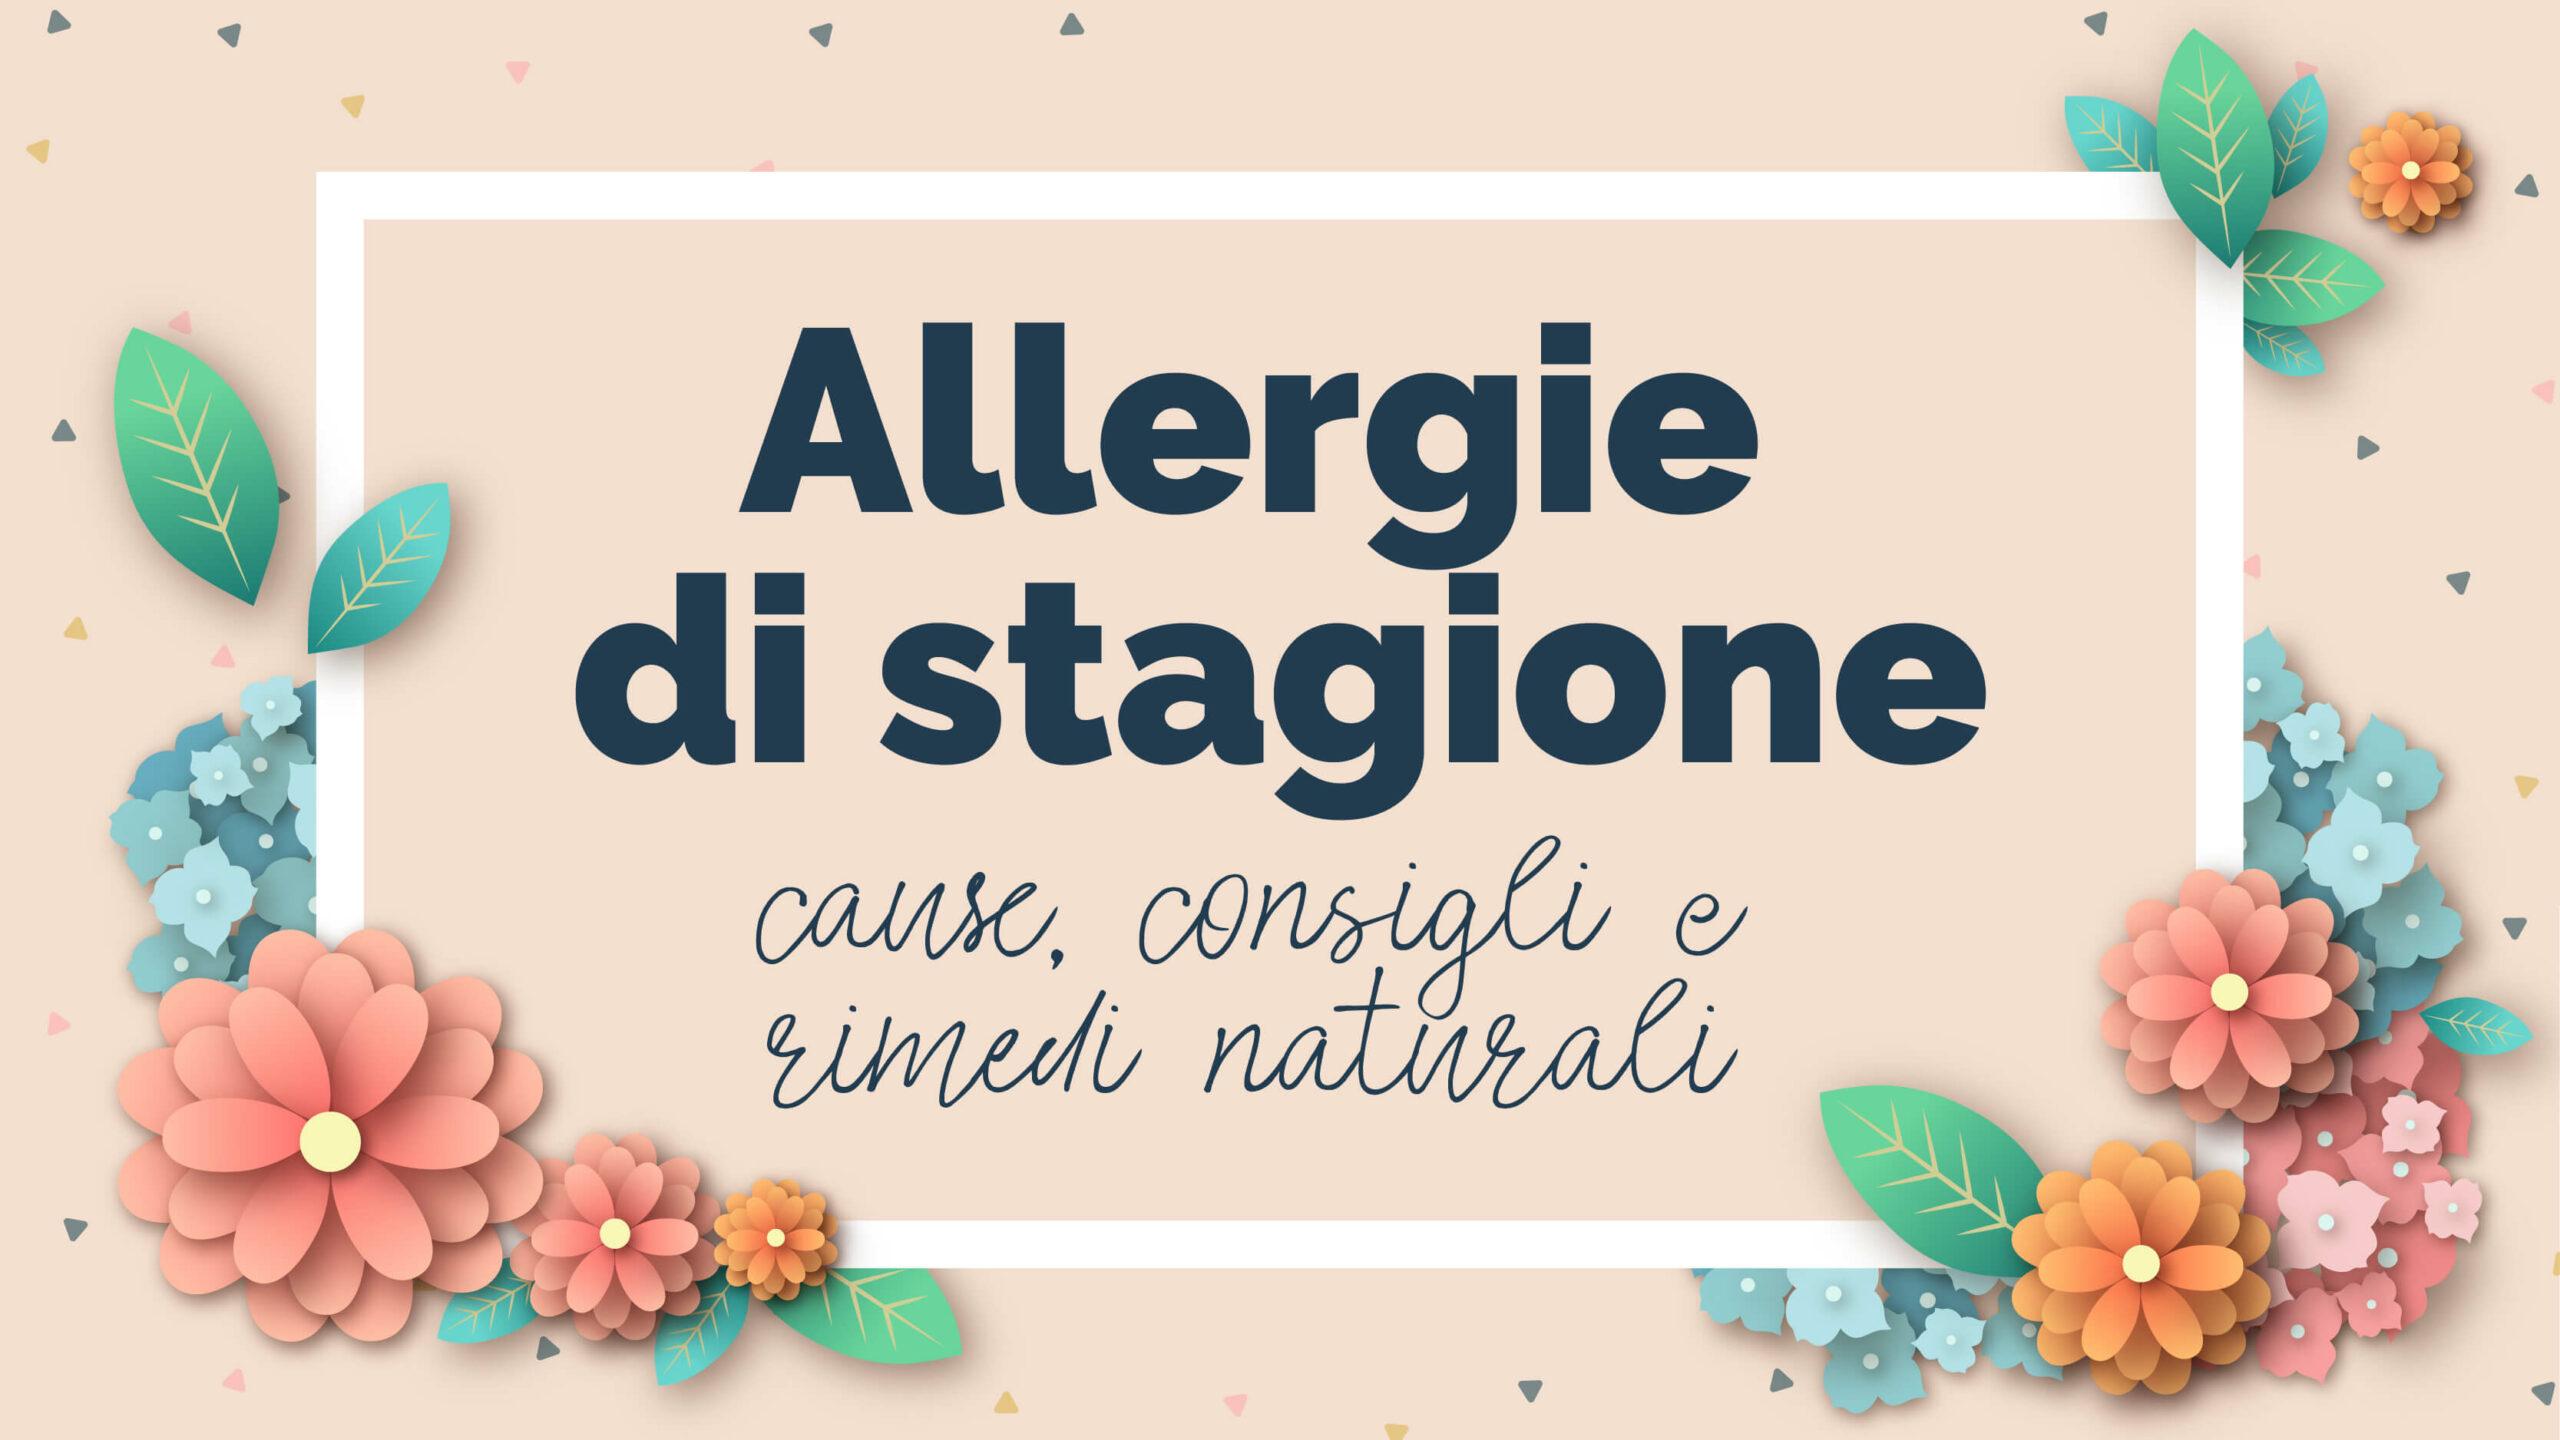 allergie di stagione-rimedi naturali nutrizionista specializzato in tiroide